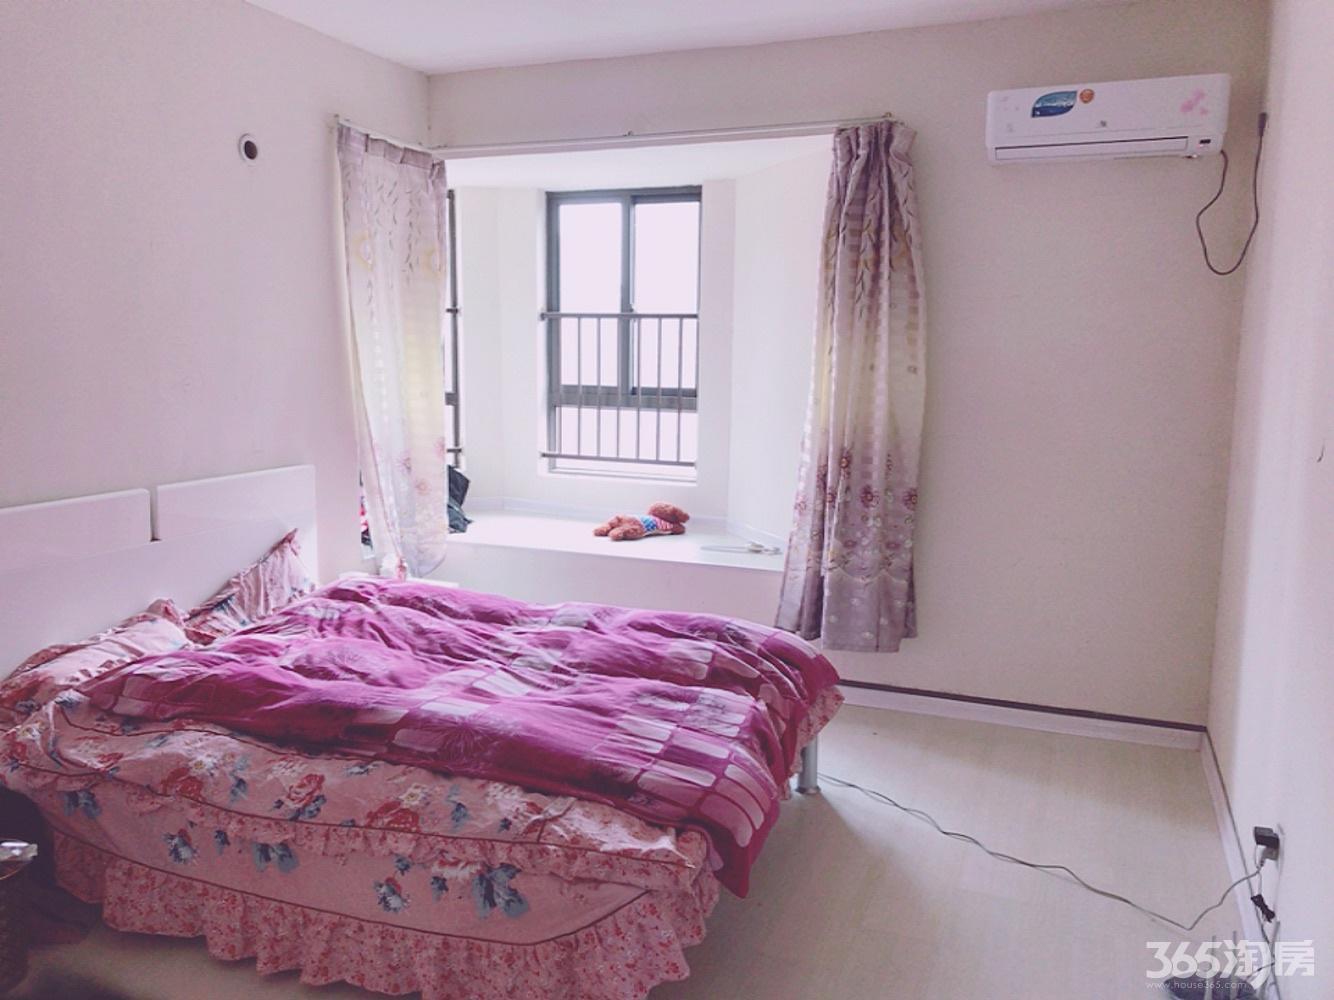 金浩仁和天地 精装二房 超高性价比 看的舒心 住的放心